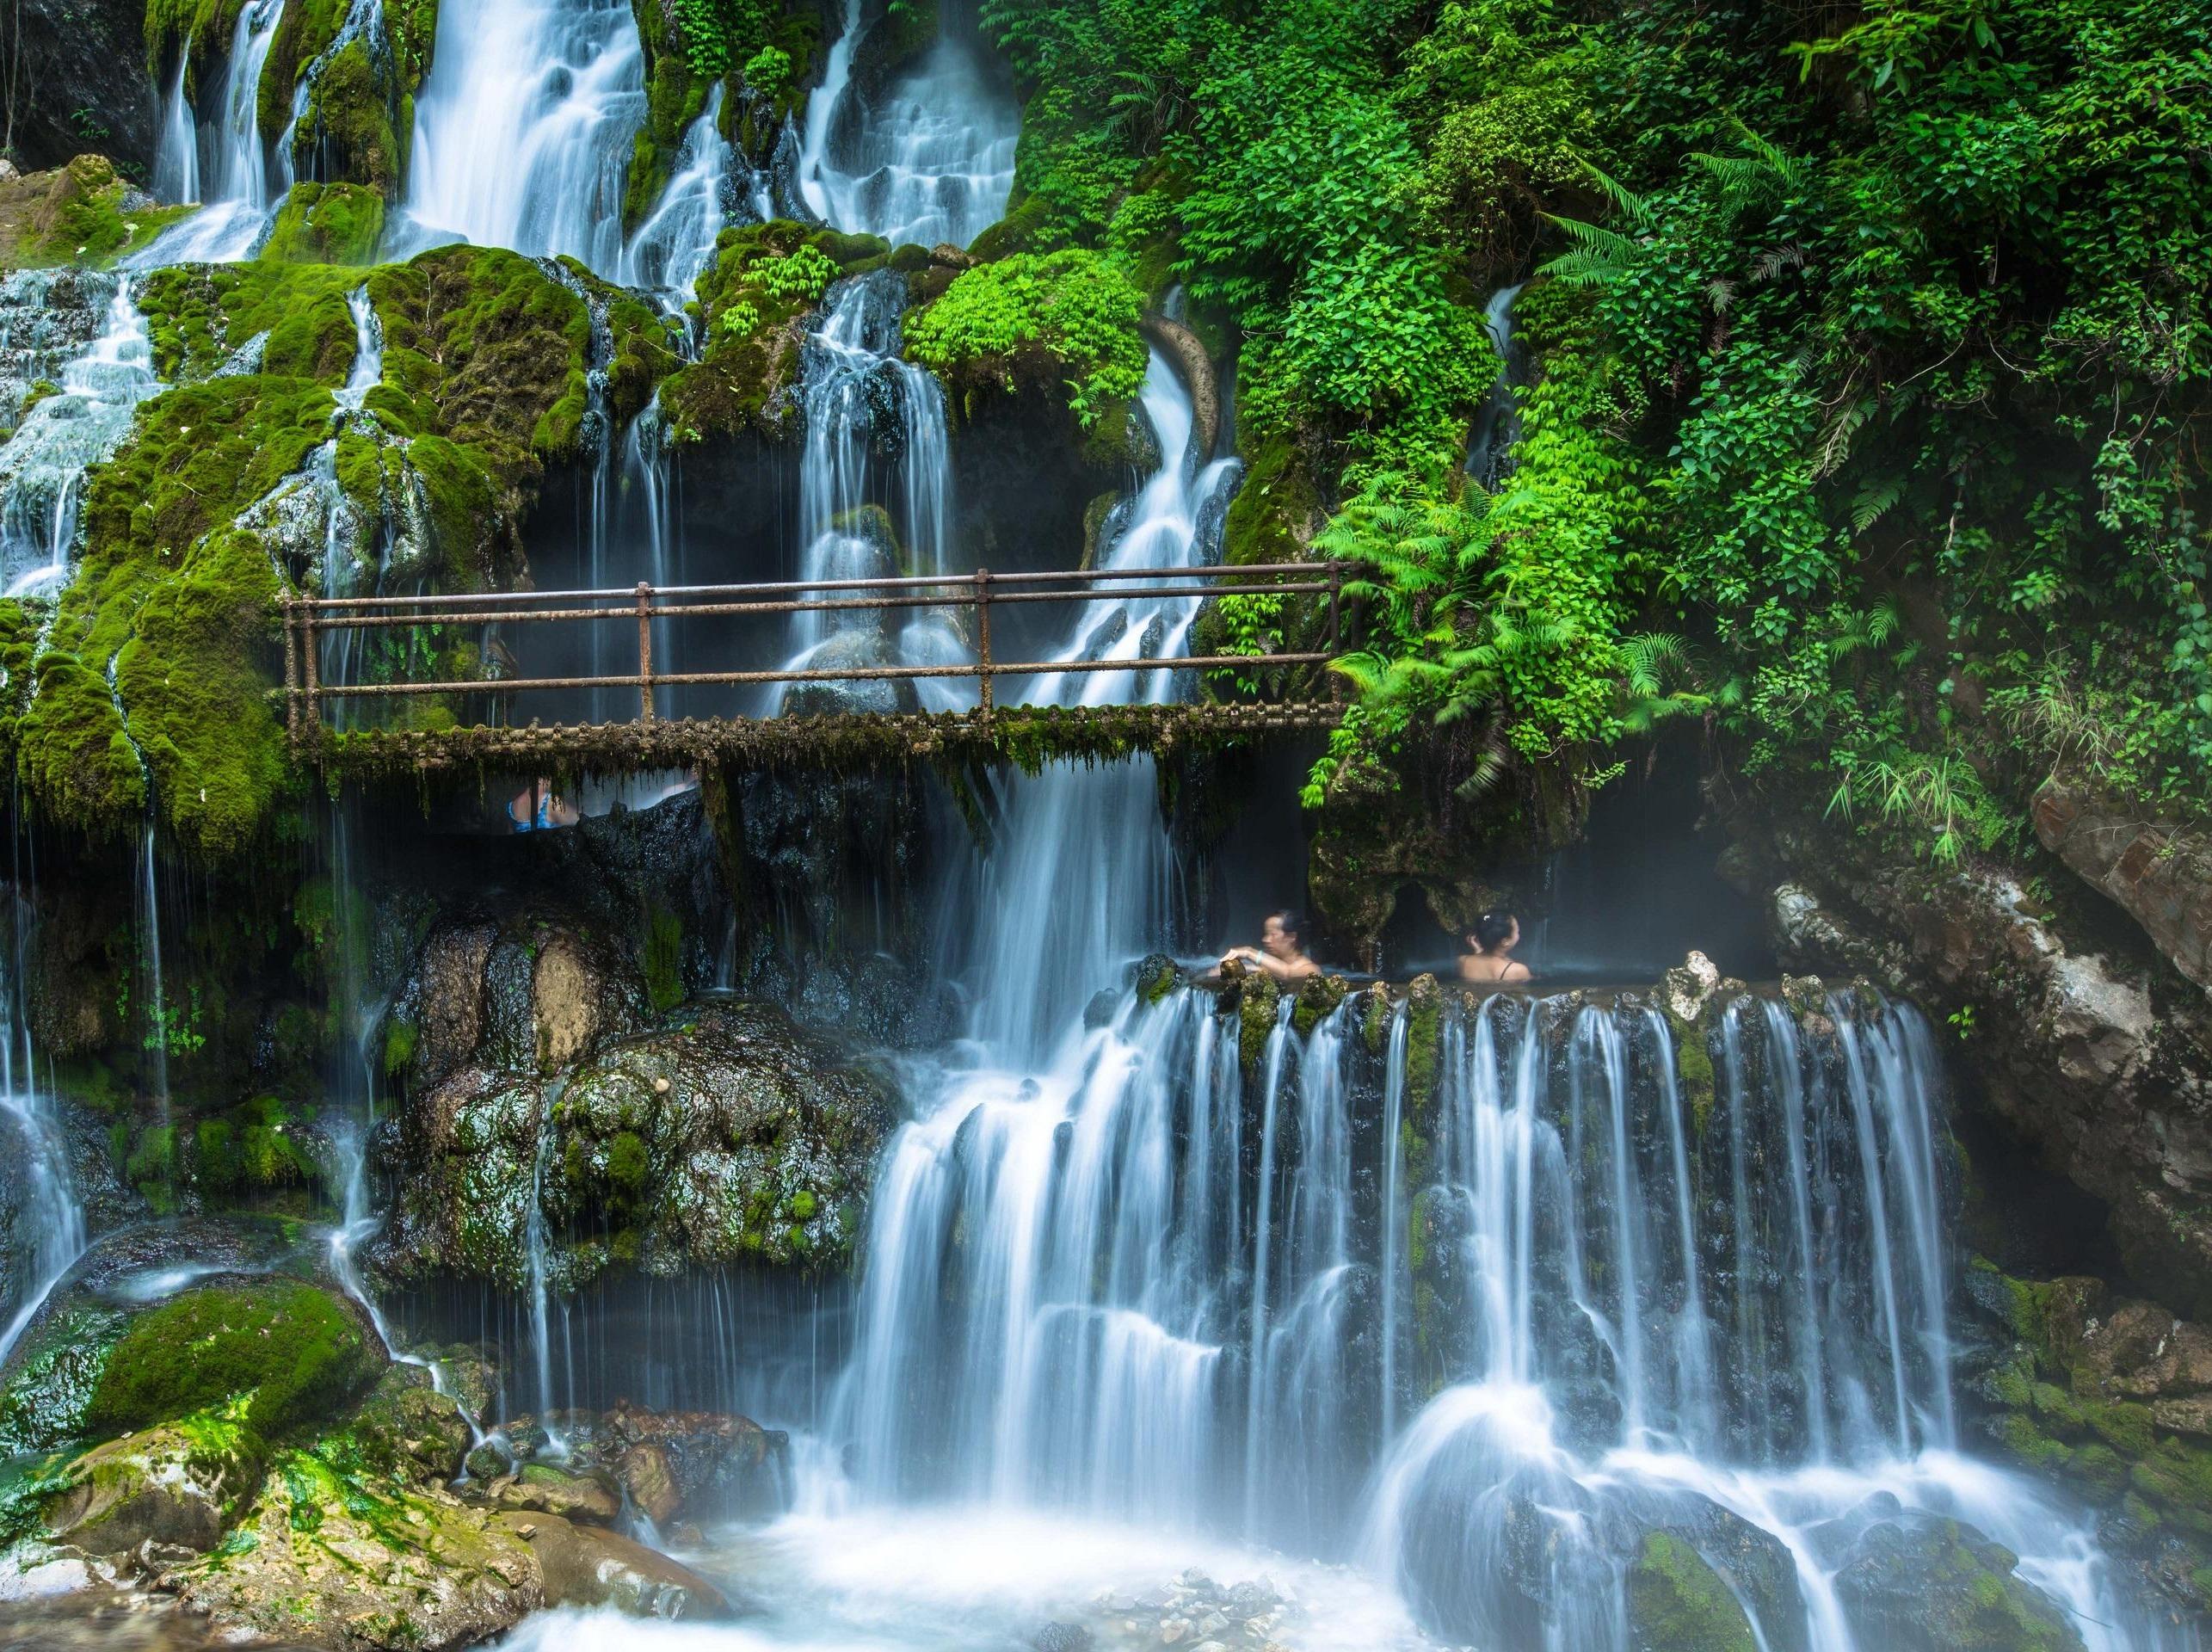 中秋:螺髻山温泉瀑布 孟获城 邛海